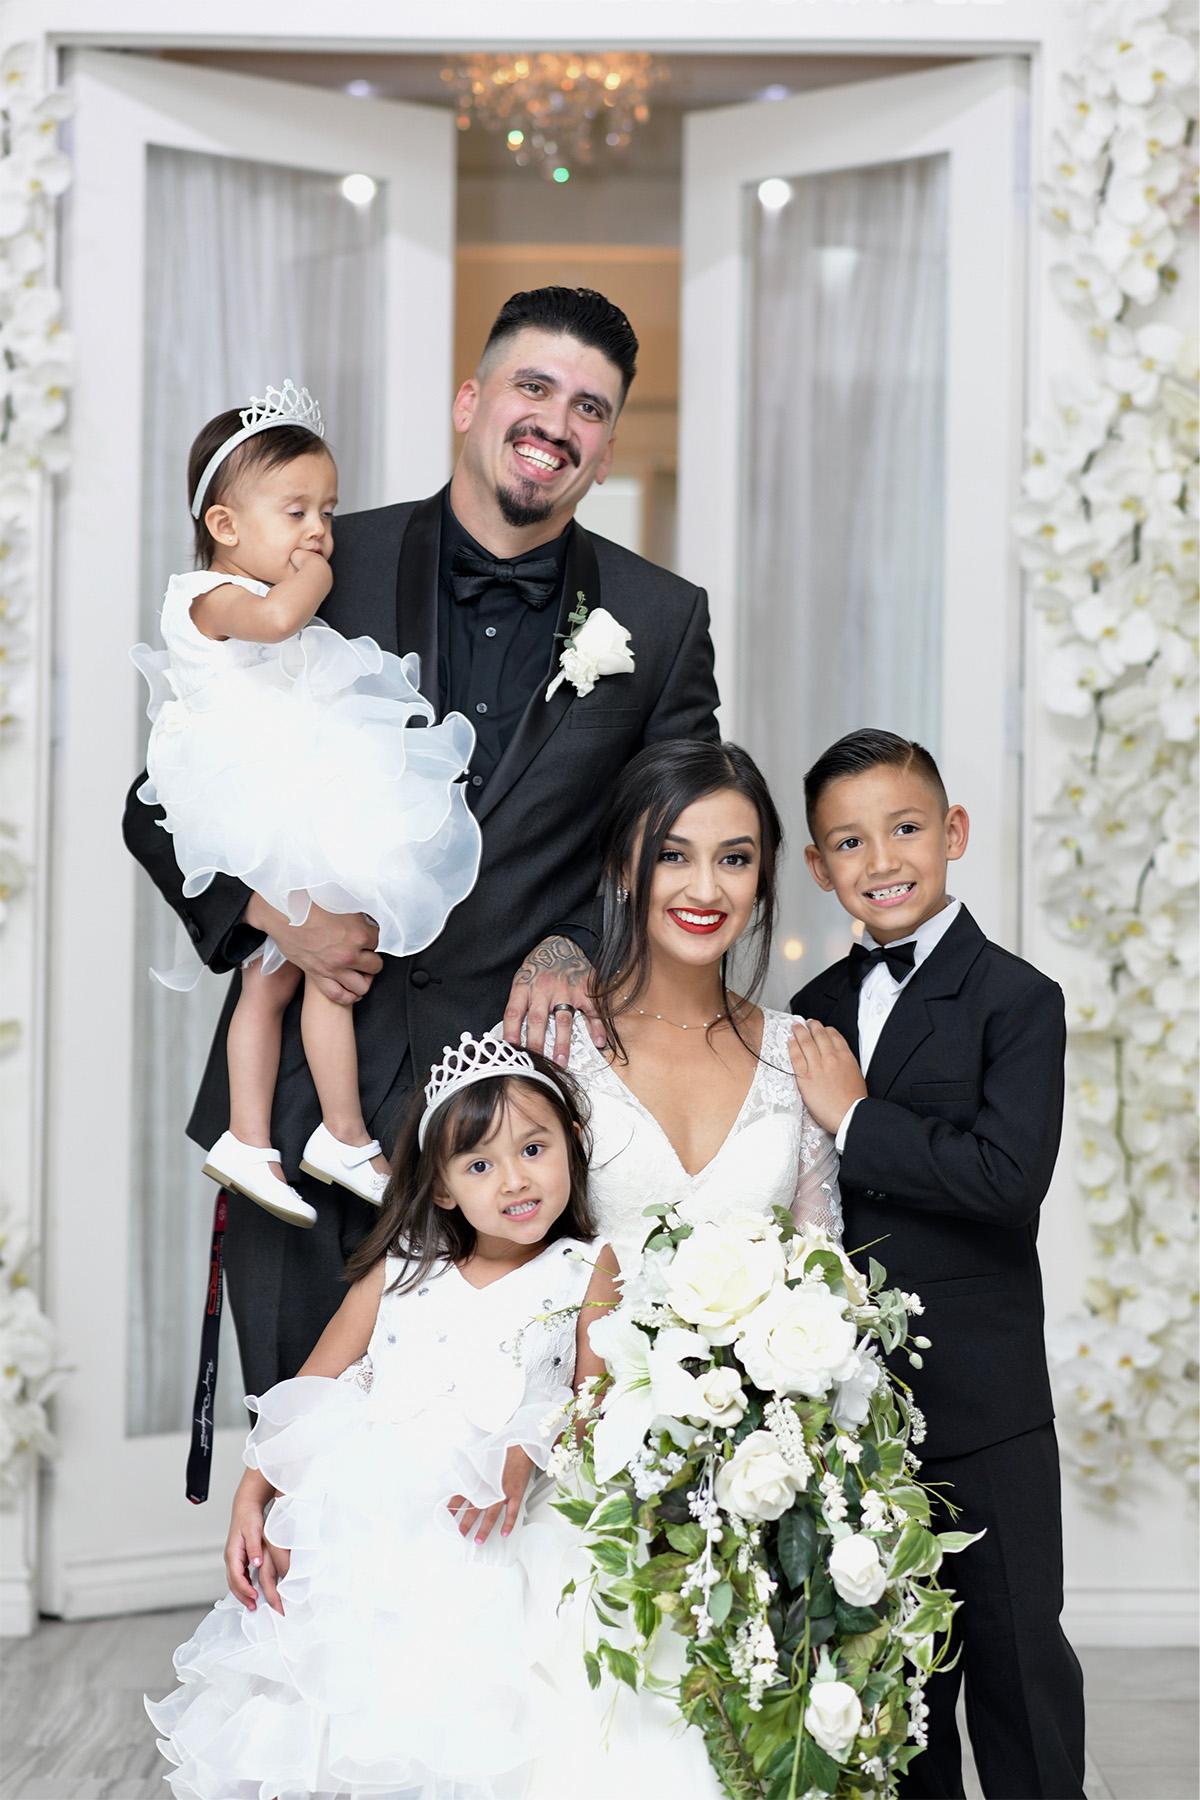 Albertson Wedding Chapel wedding photography samples